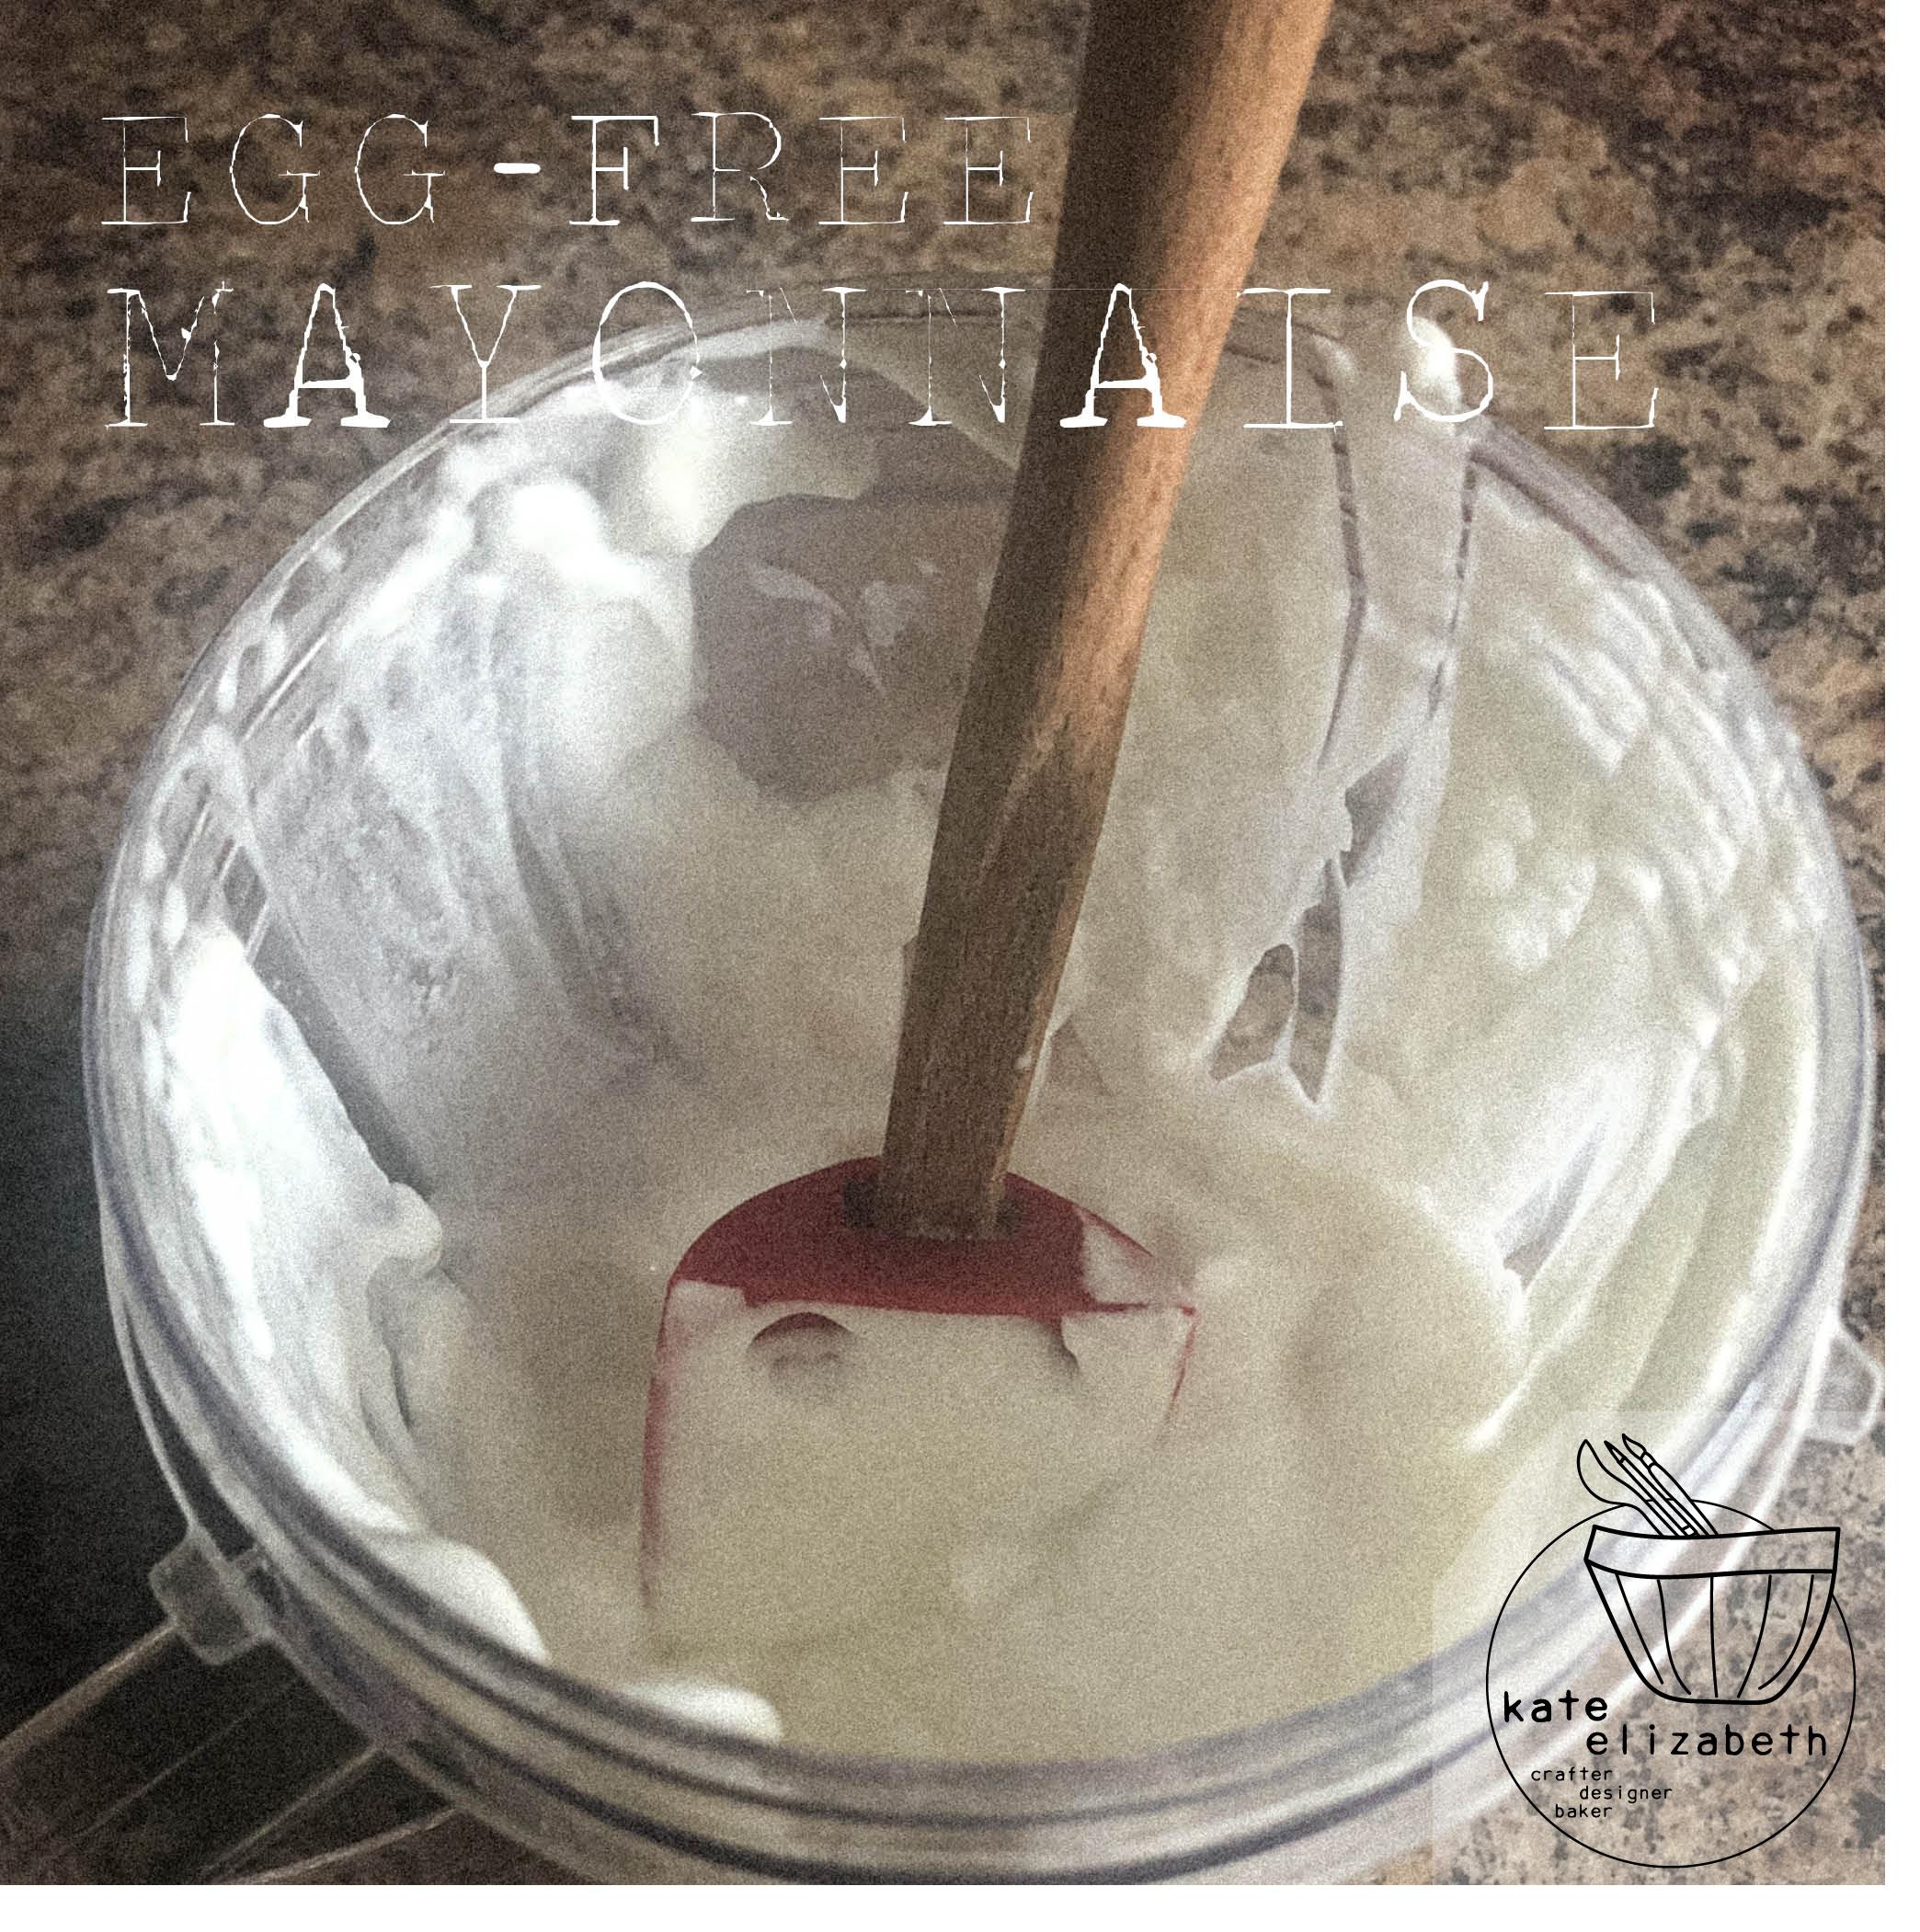 Kate's Egg Free Mayo